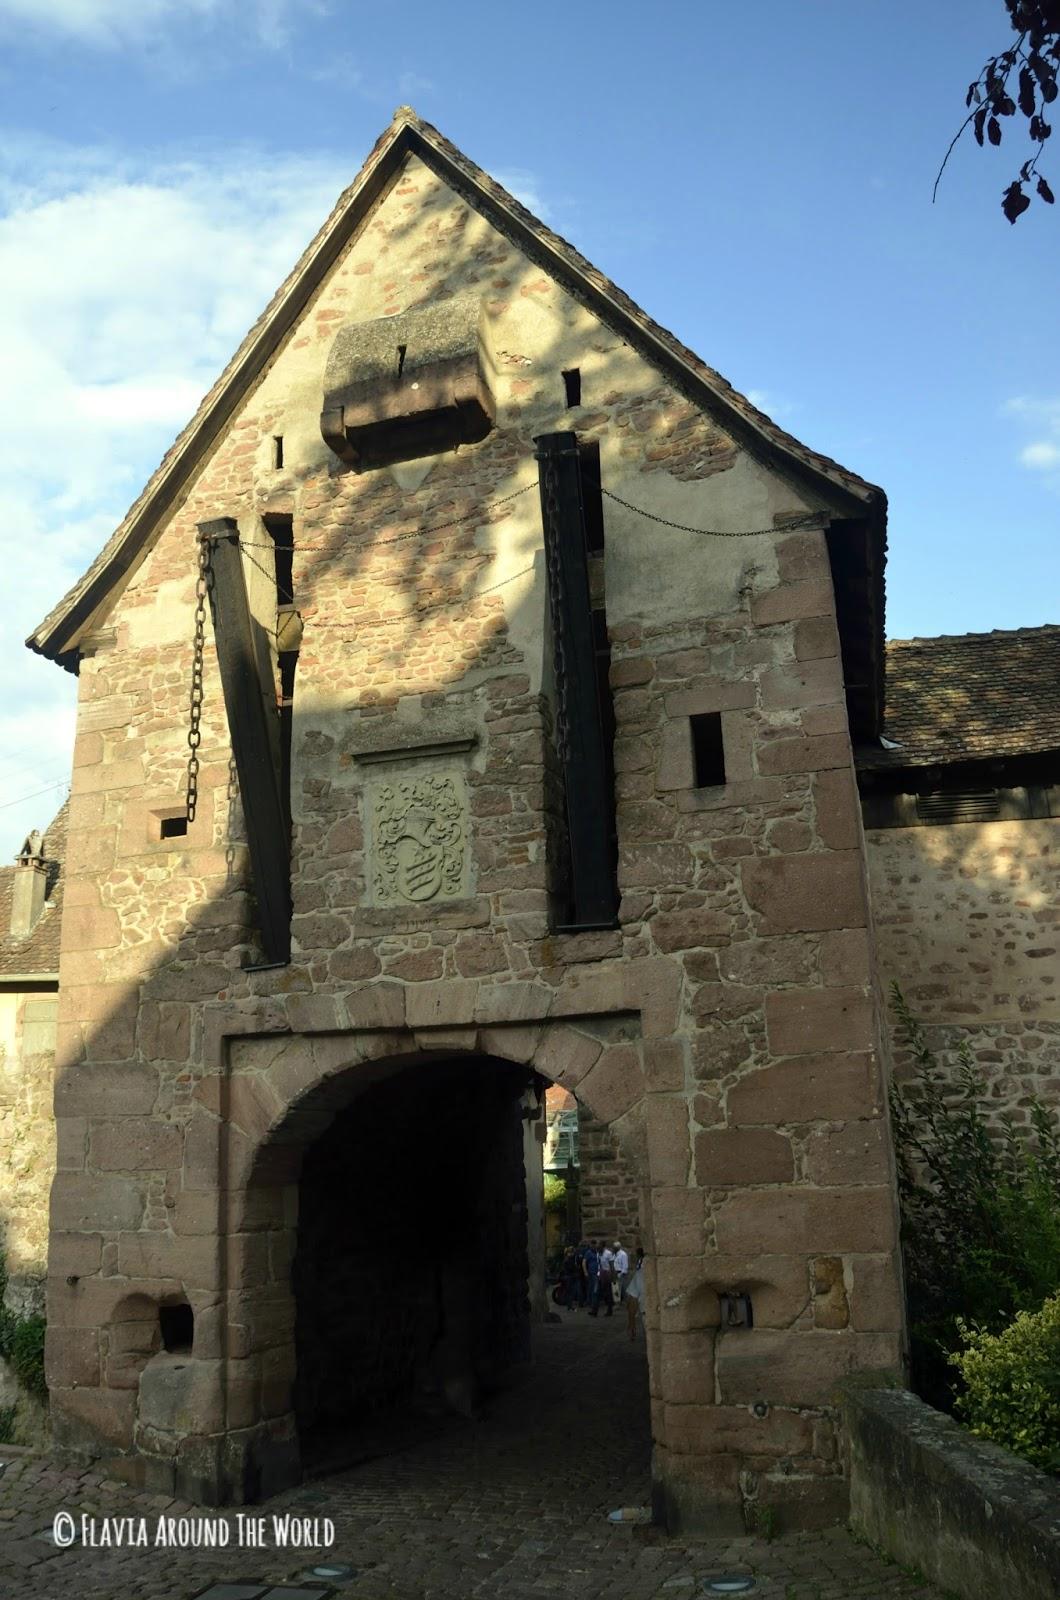 Entrada al pueblo con puerta levadiza, Riquewihr